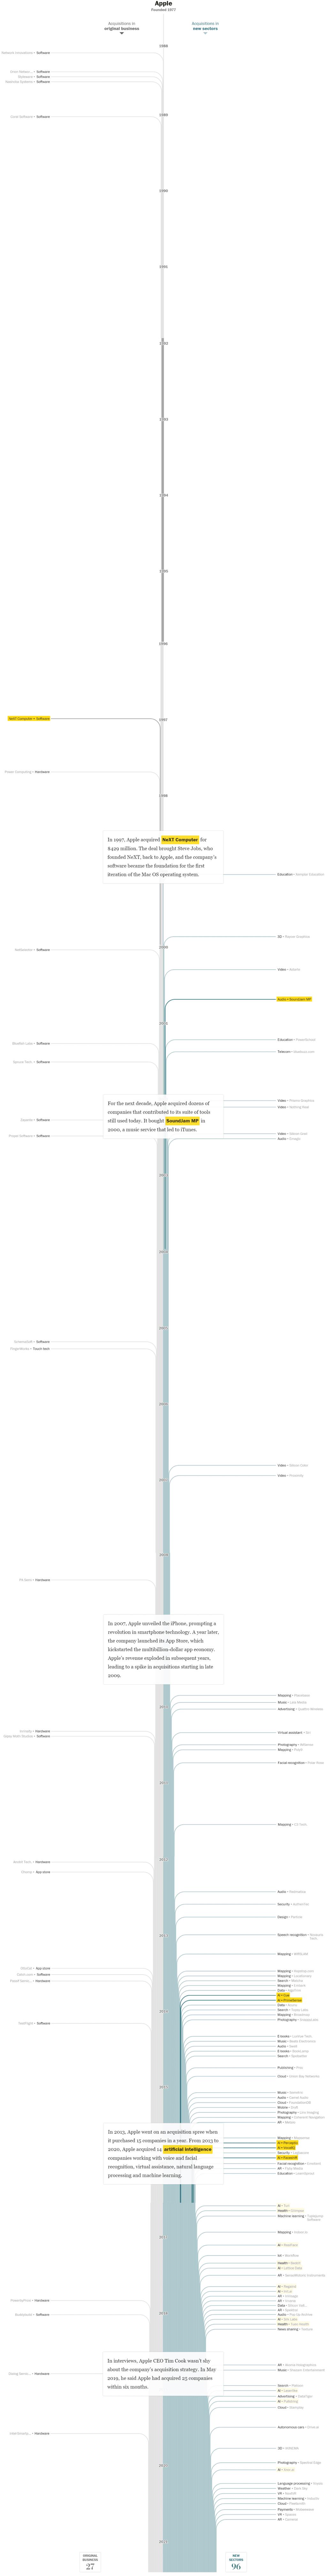 애플 인수합병 역사, 연도별 인포그래픽 by Washington Post